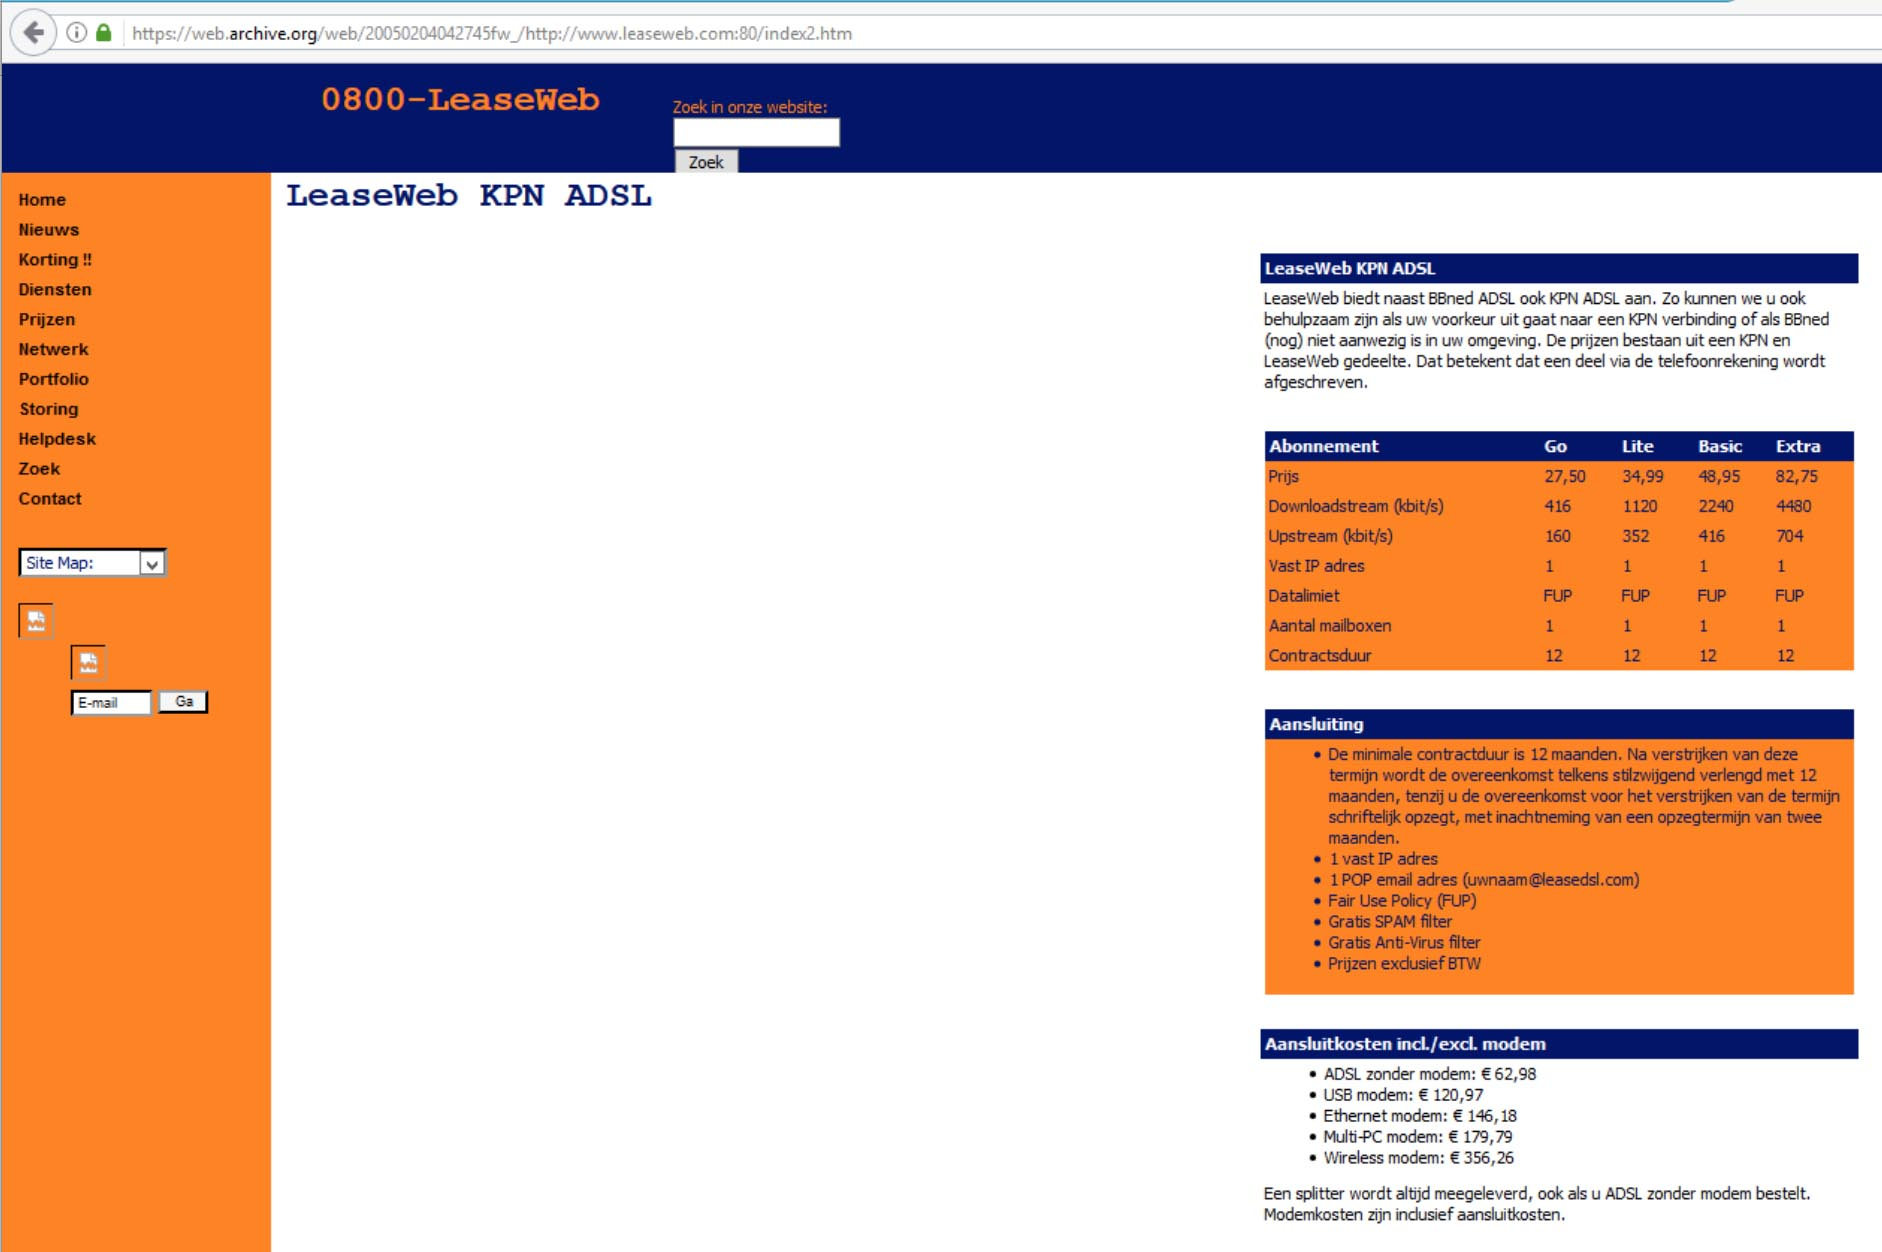 Дополнение сотовой связи реклама доступ интернет онлайн игры веб хостинга контекстная реклама ютуб